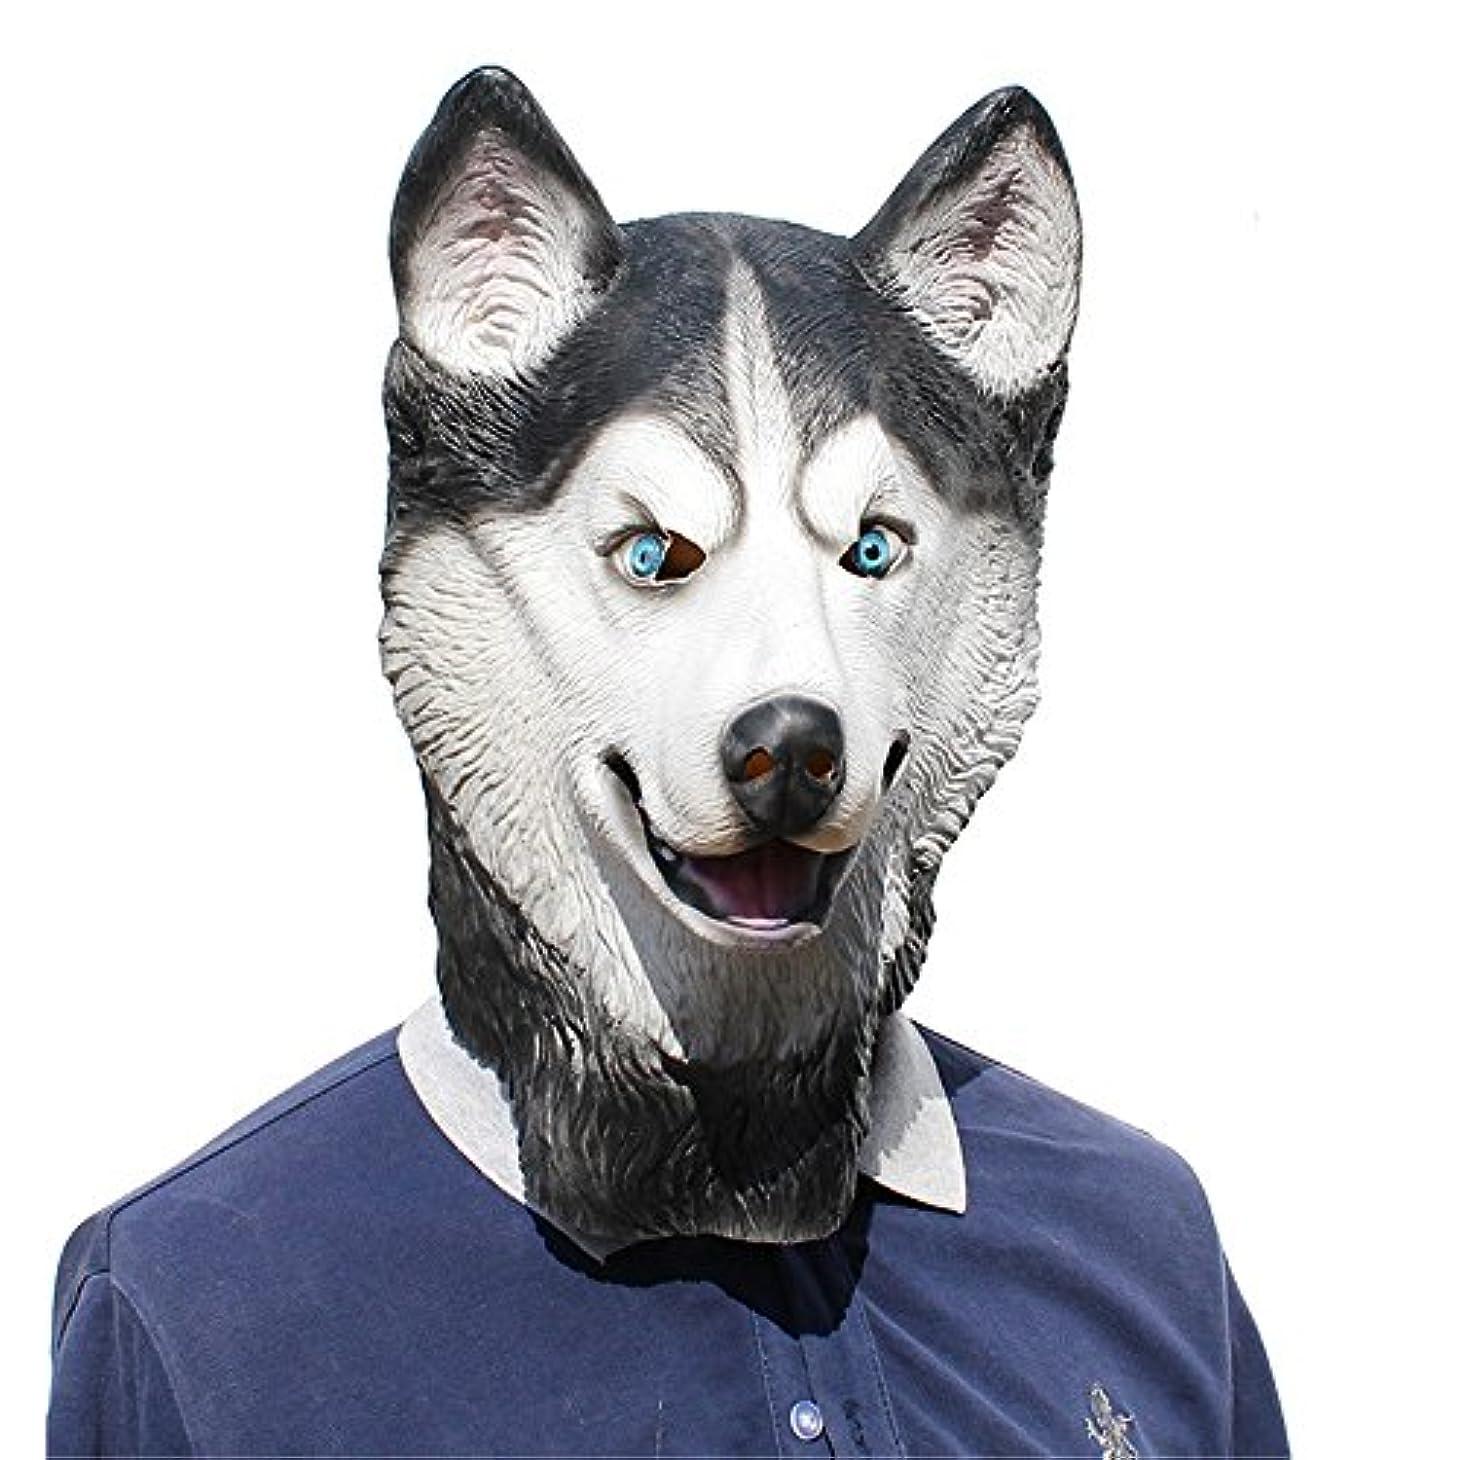 インセンティブ出血水差しハロウィーンパーティーパーティーTidy COSマスクSnow Leopard犬犬ラテックスマスク (Color : A)